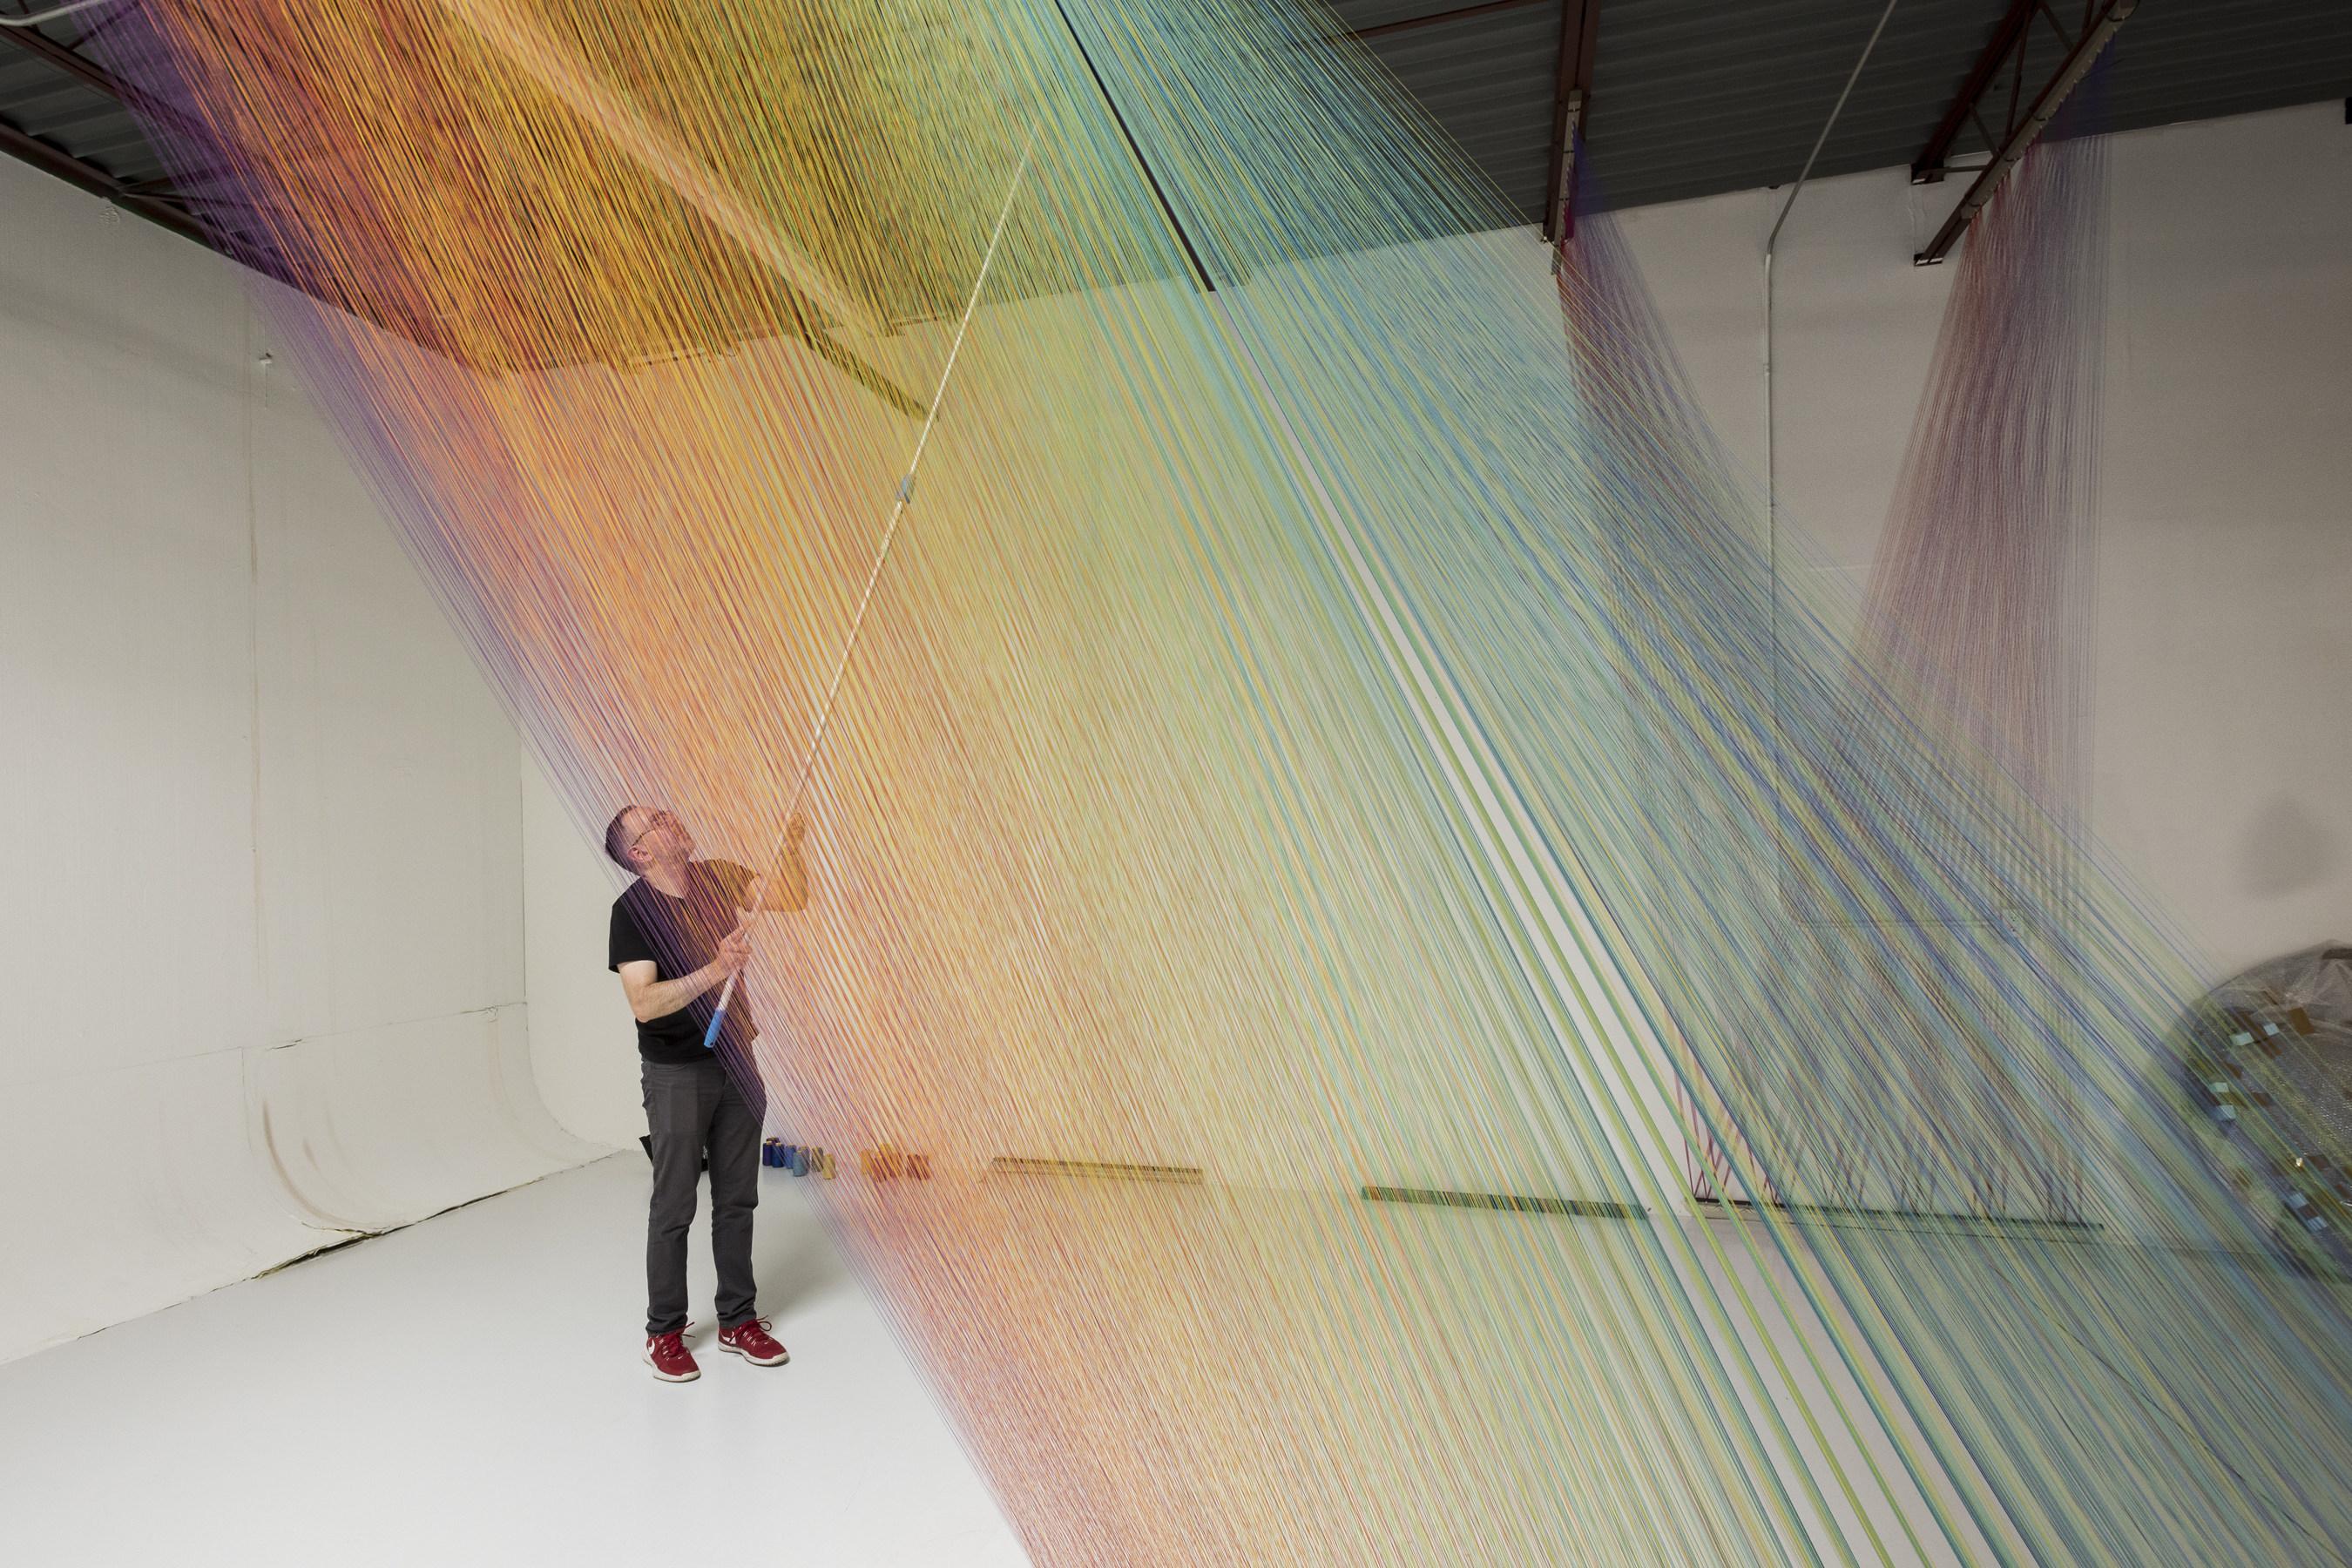 El artista Gabriel Dawe trabaja en su estudio de Dallas preparando su instalacion en el Museo de Arte Americano Amon Carter.